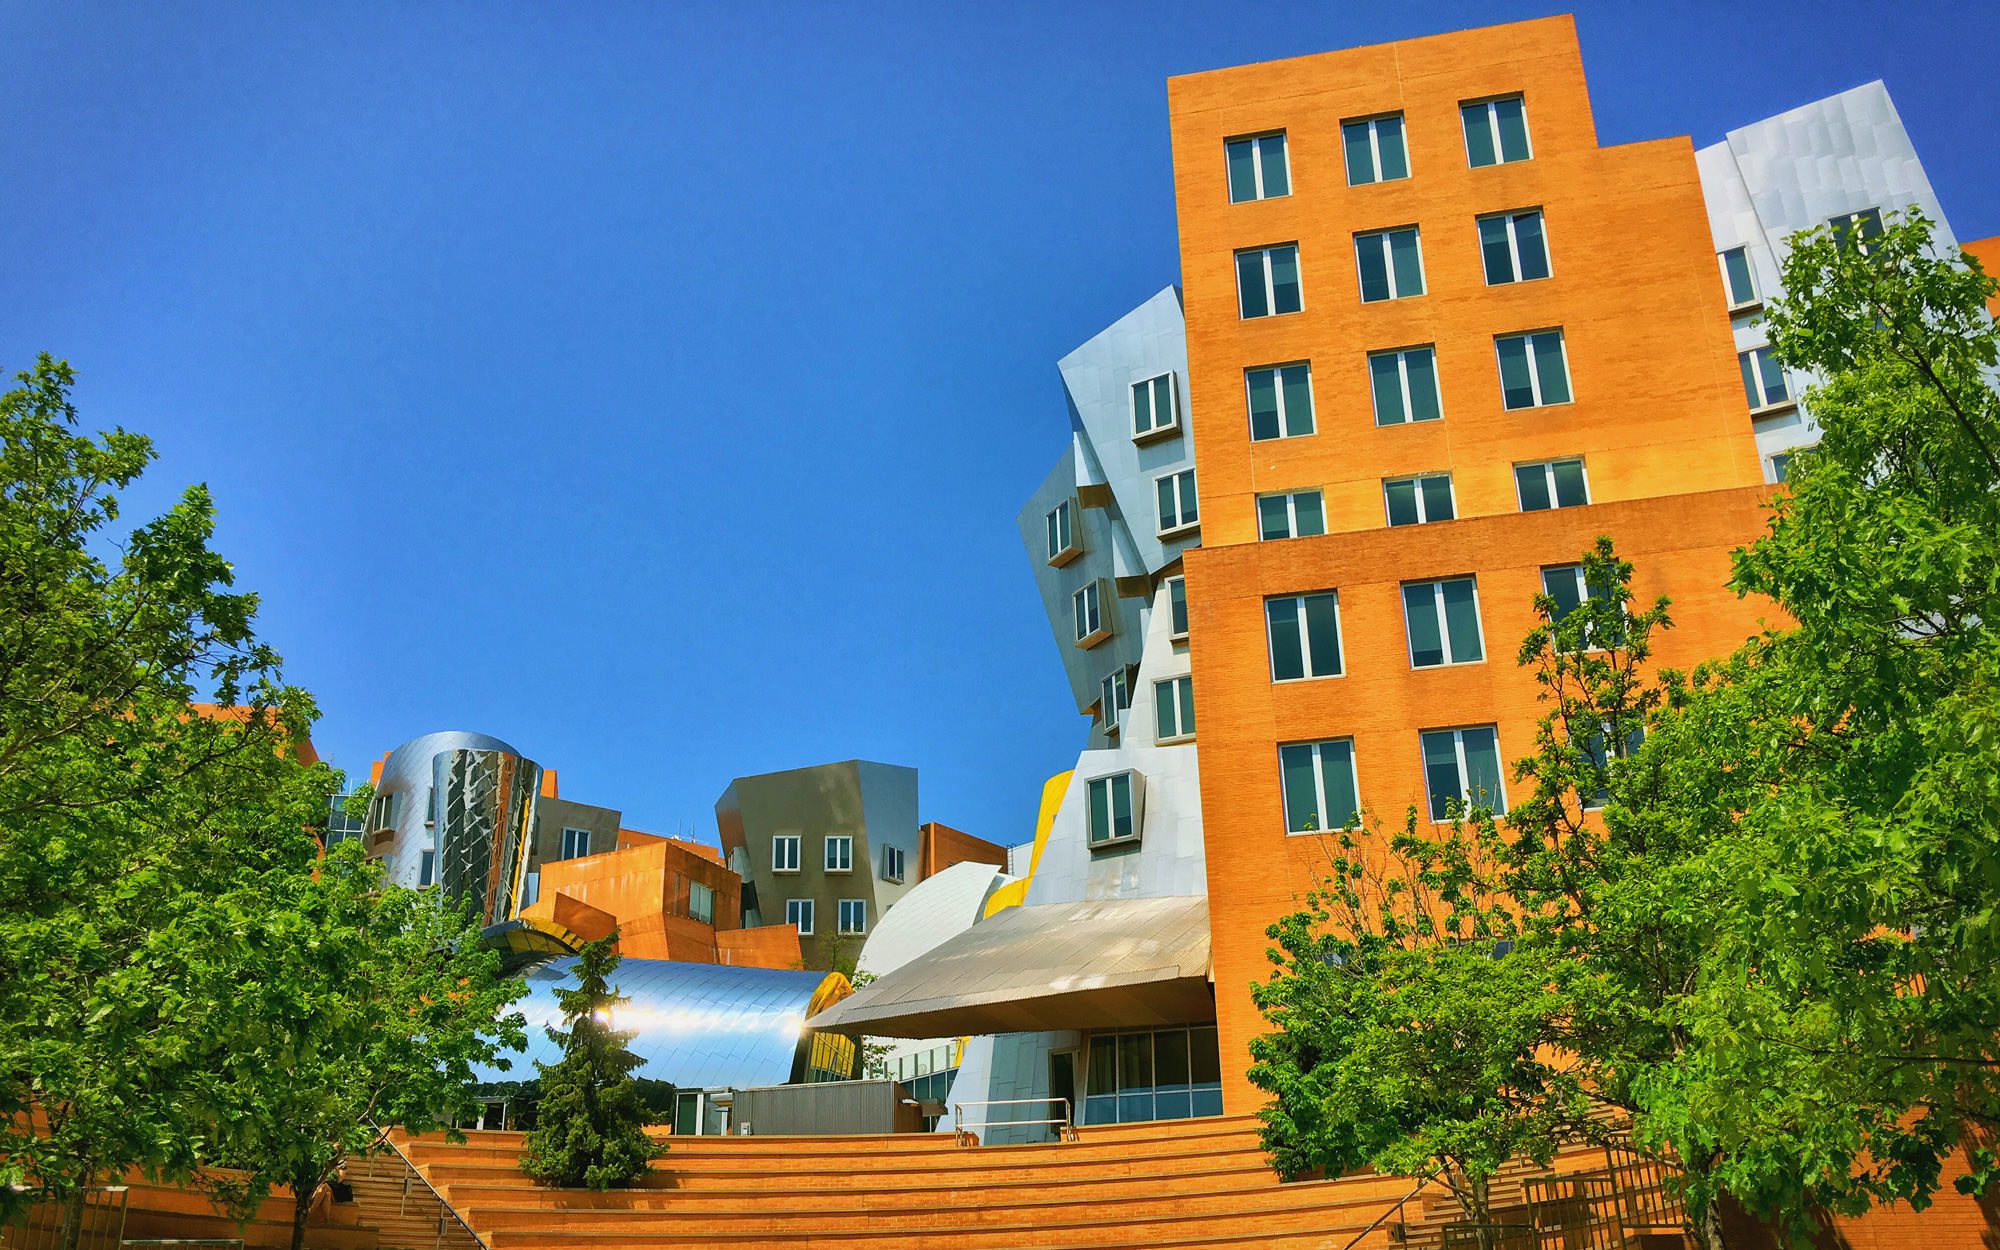 麻省理工学院的Stata Center,Building 32,由后现代主义建筑师Frank Gehry设计。设计师形容这栋楼是一堆喝醉的机器人一起狂欢庆祝的派对。